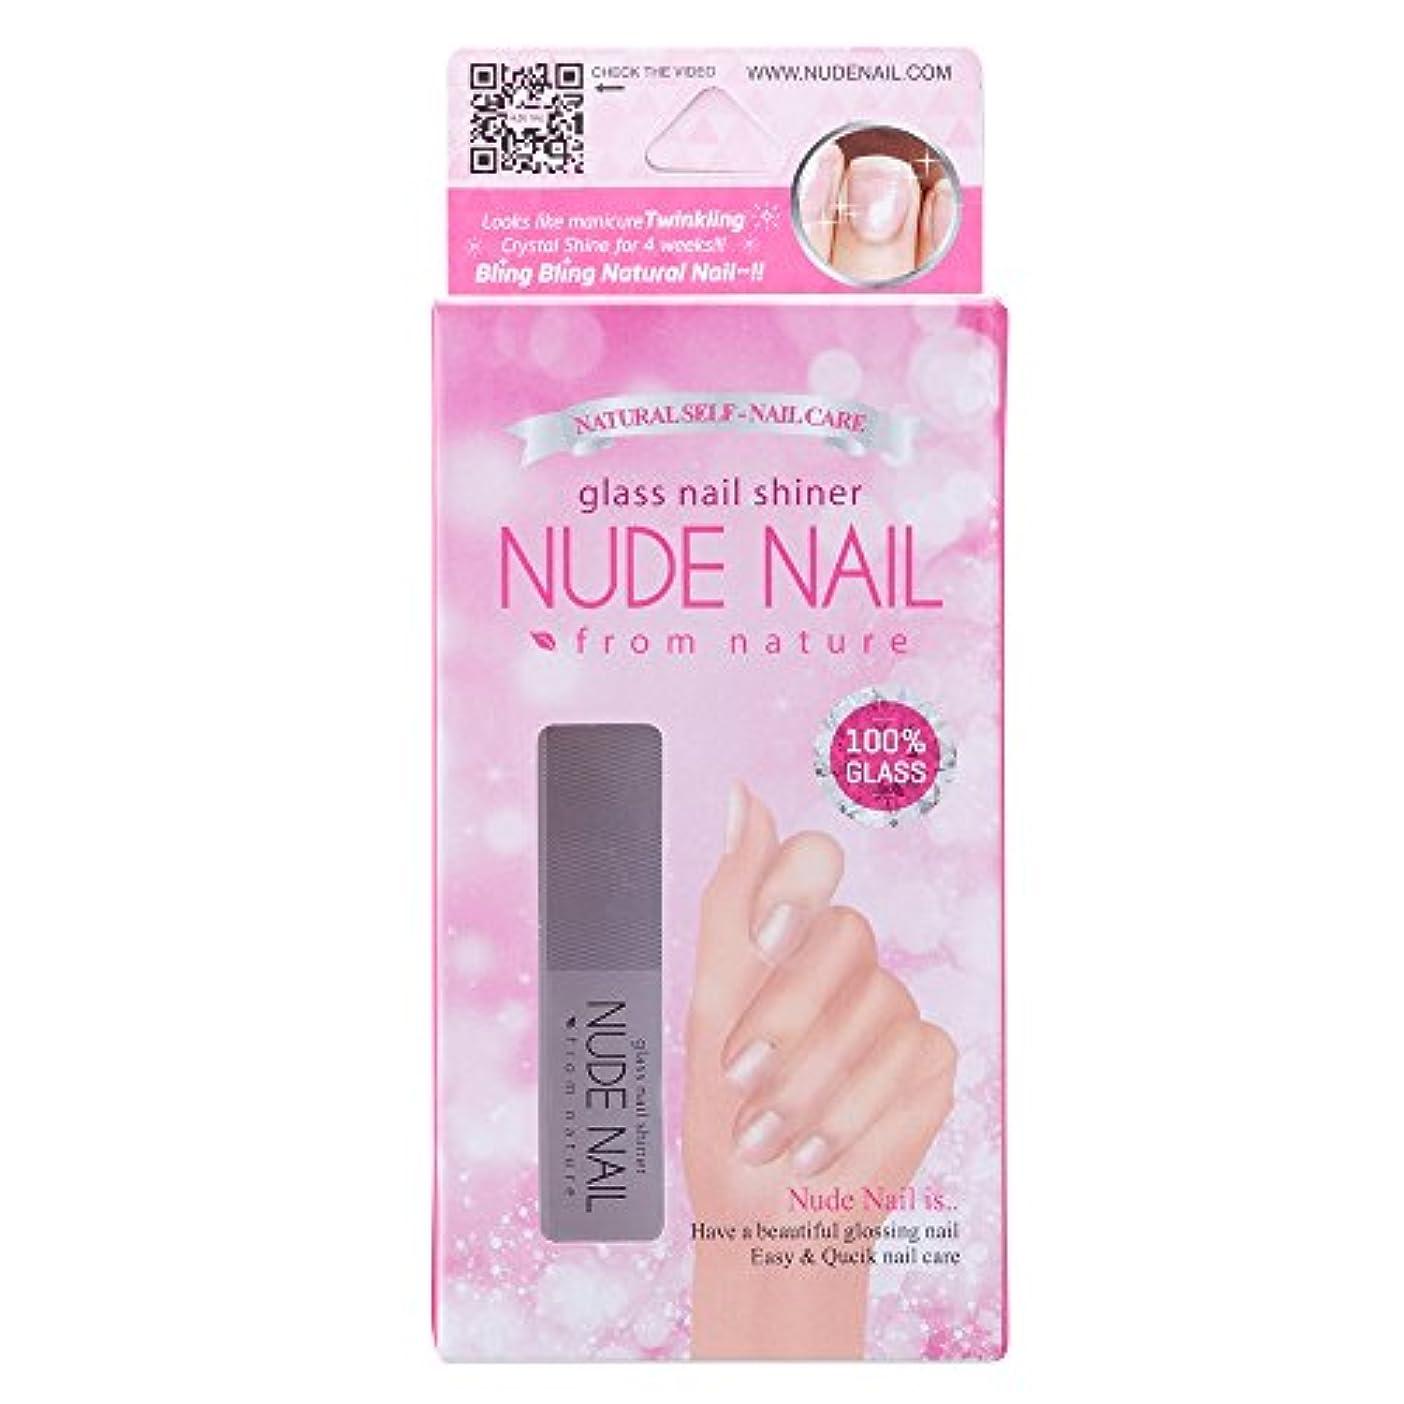 残忍な拾うワックスヌードネイル グラス ネイル シャイナー ガラス製爪ヤスリ NUDE NAIL glass nail shiner